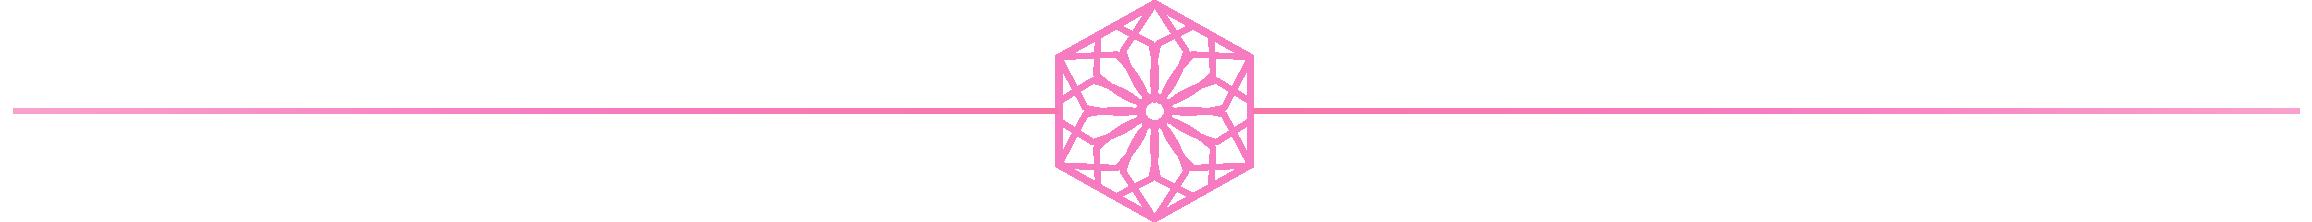 divider-pink